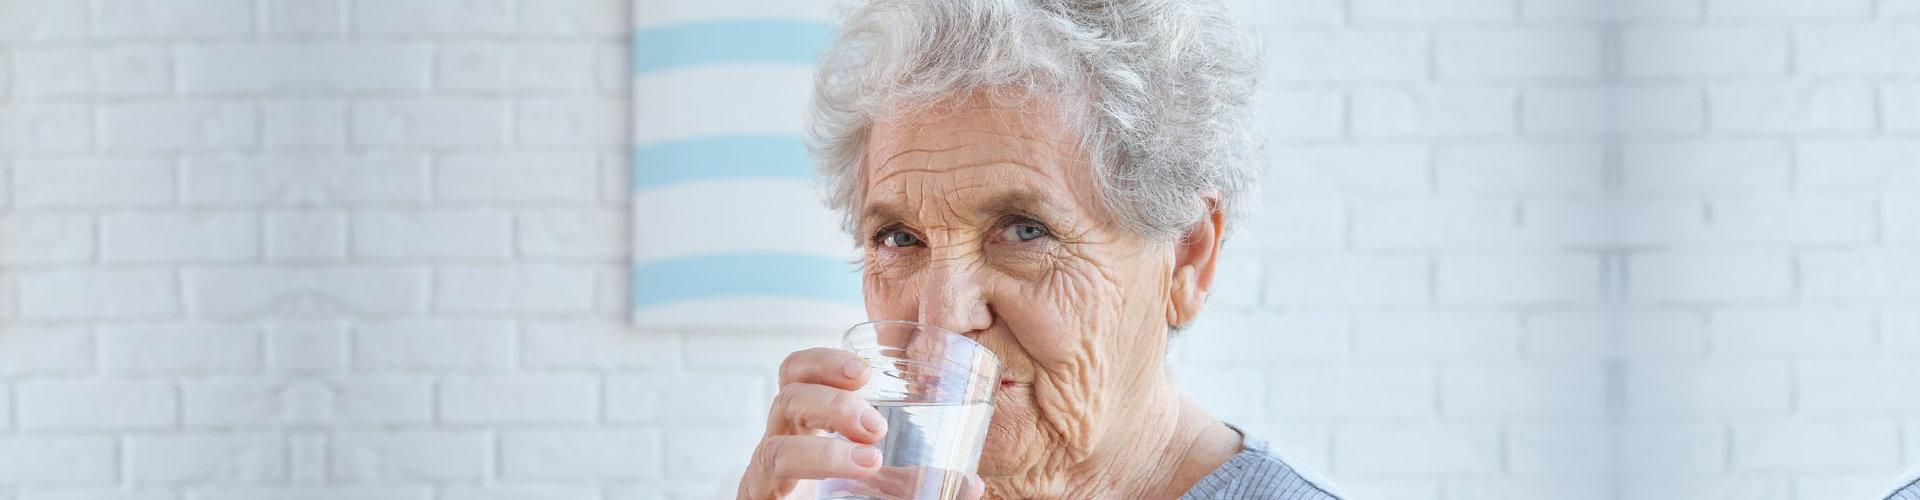 an elderly woman drinking